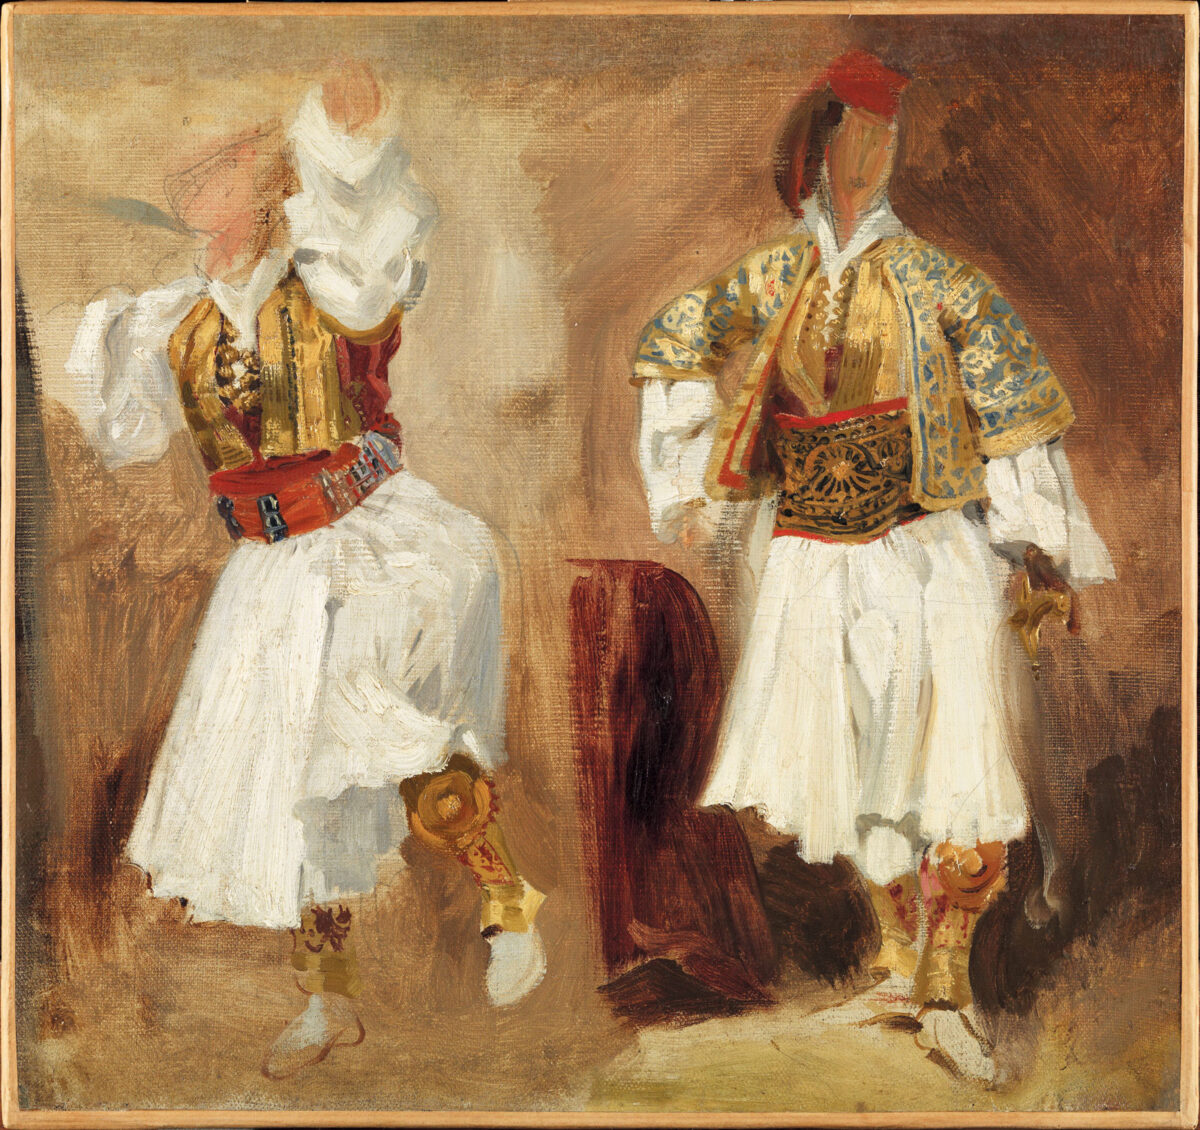 Ευγένιος Ντελακρουά, «Δύο σπουδές για σουλιώτικες φορεσιές», λάδι σε χαρτόνι, 43x46 εκ. (Μουσείο Λούβρου RF 3639).